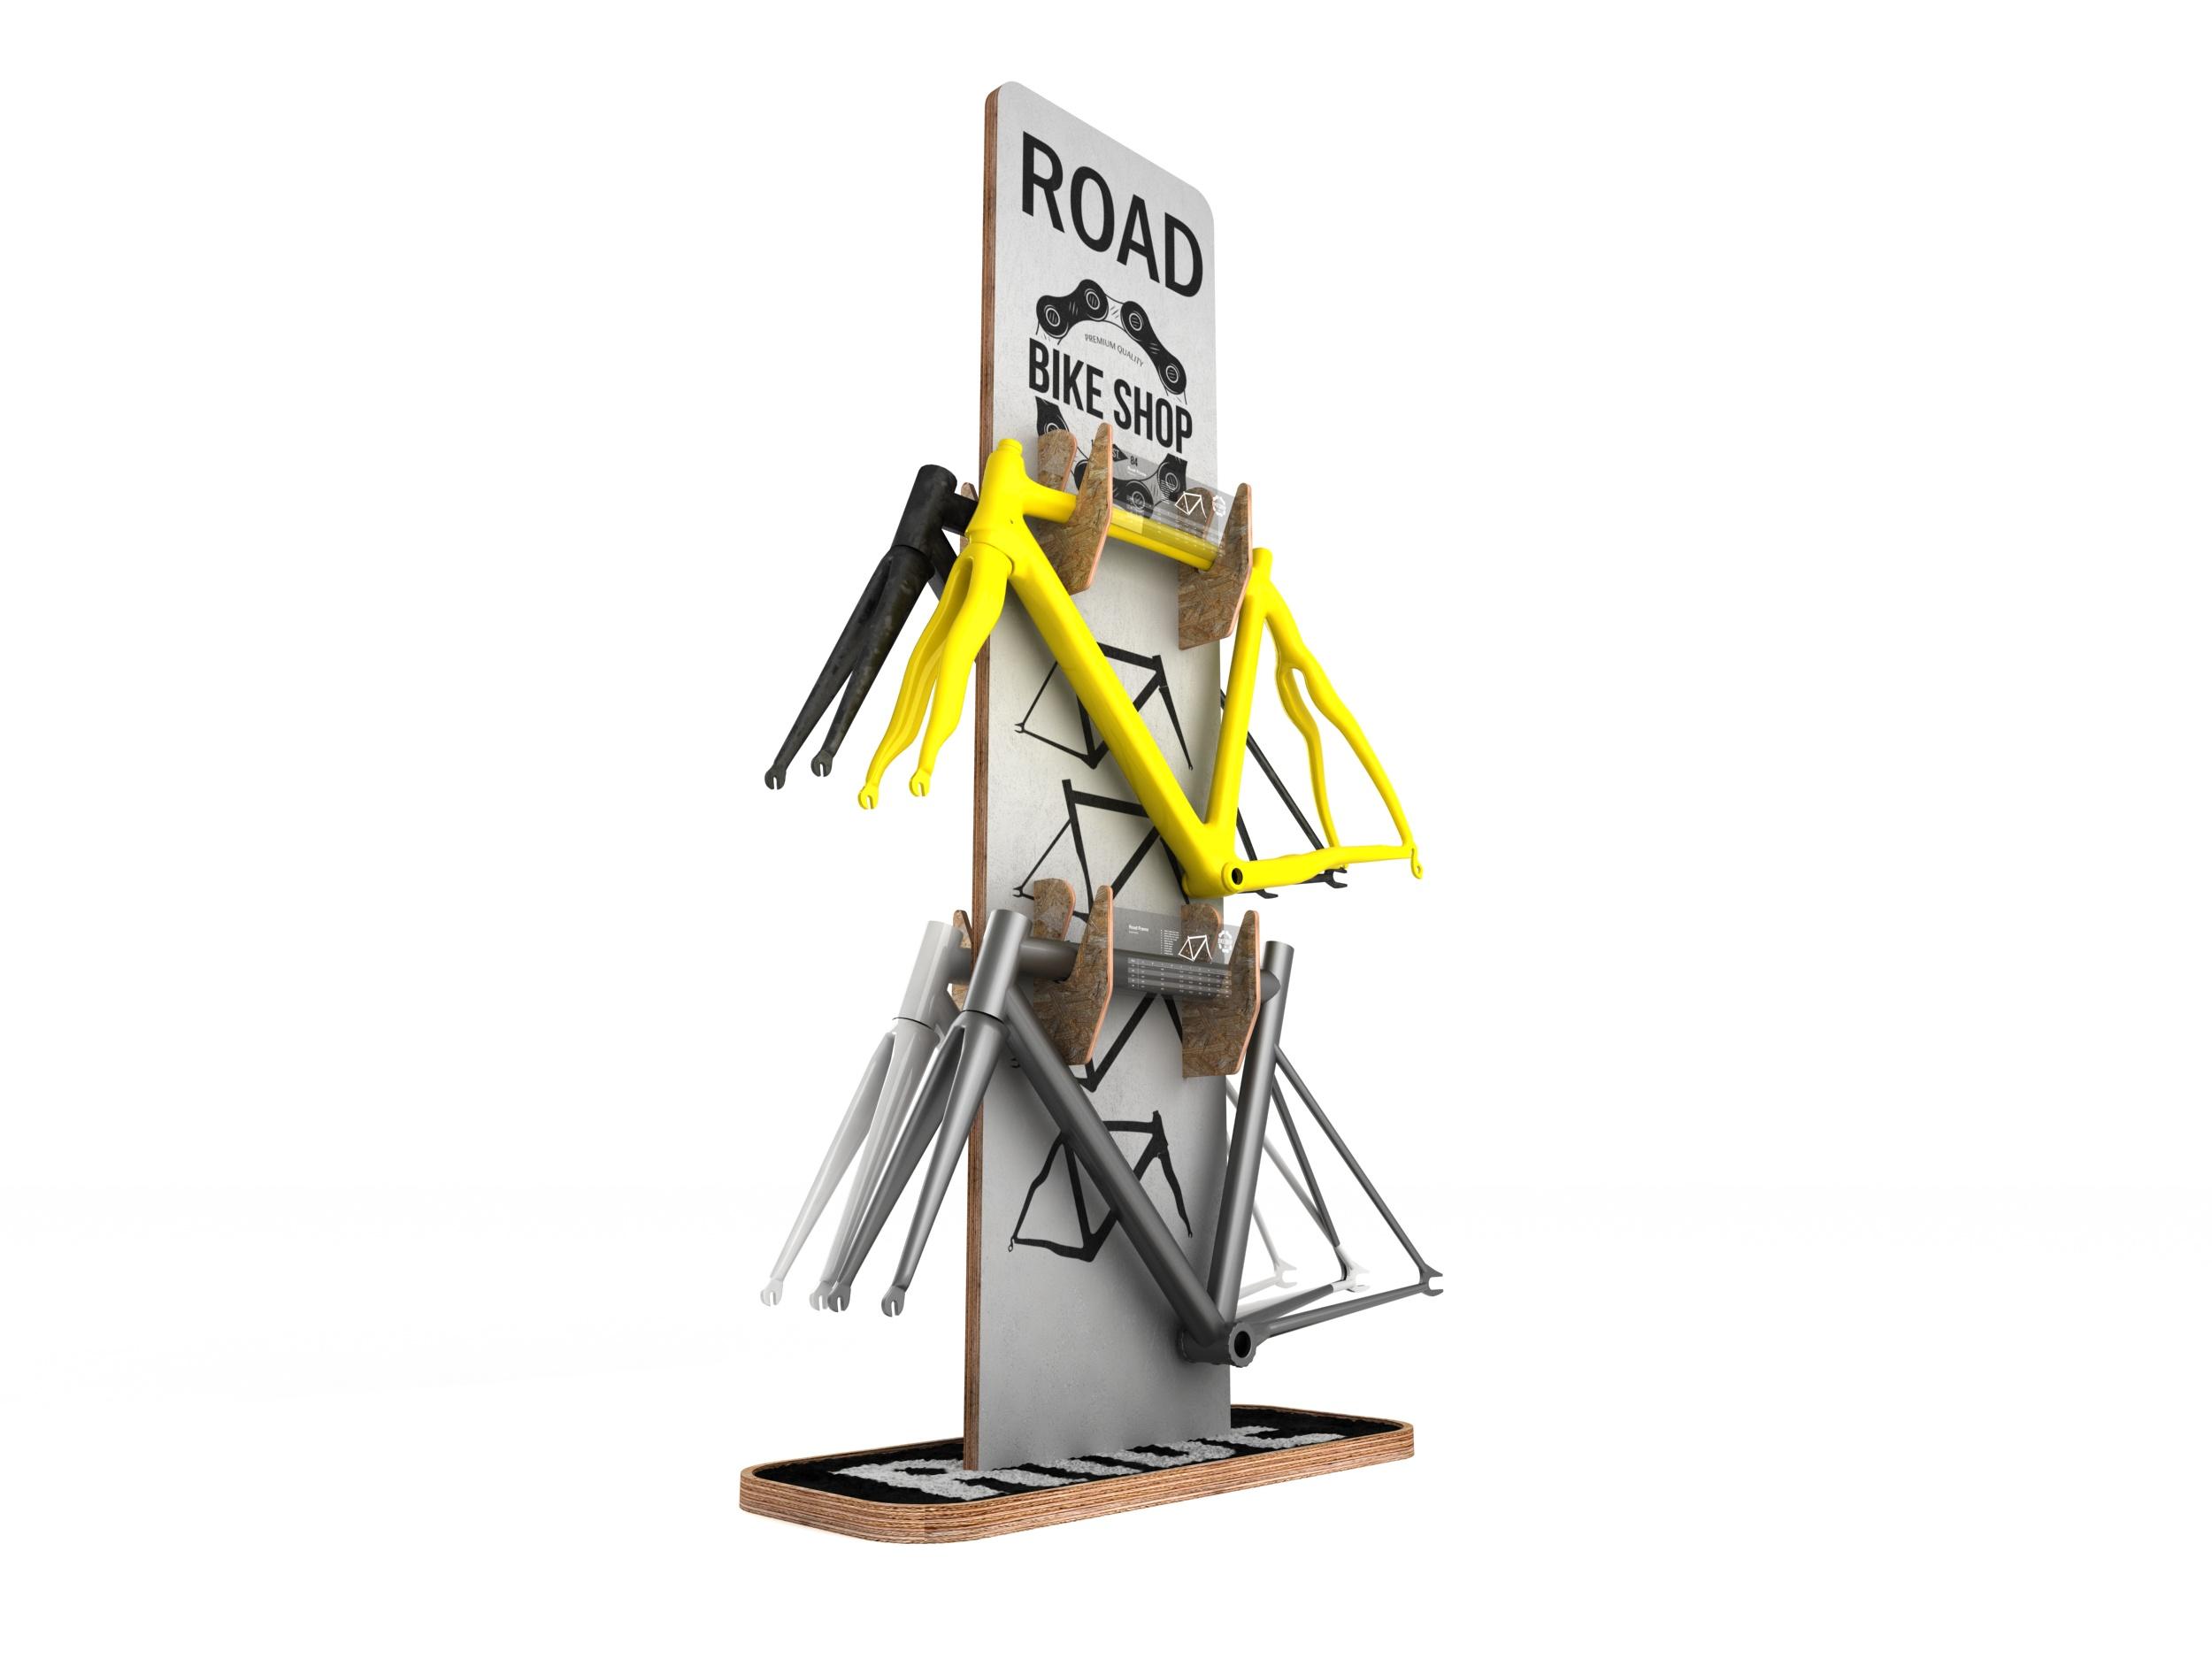 POS_Road Frame Display_005.jpg